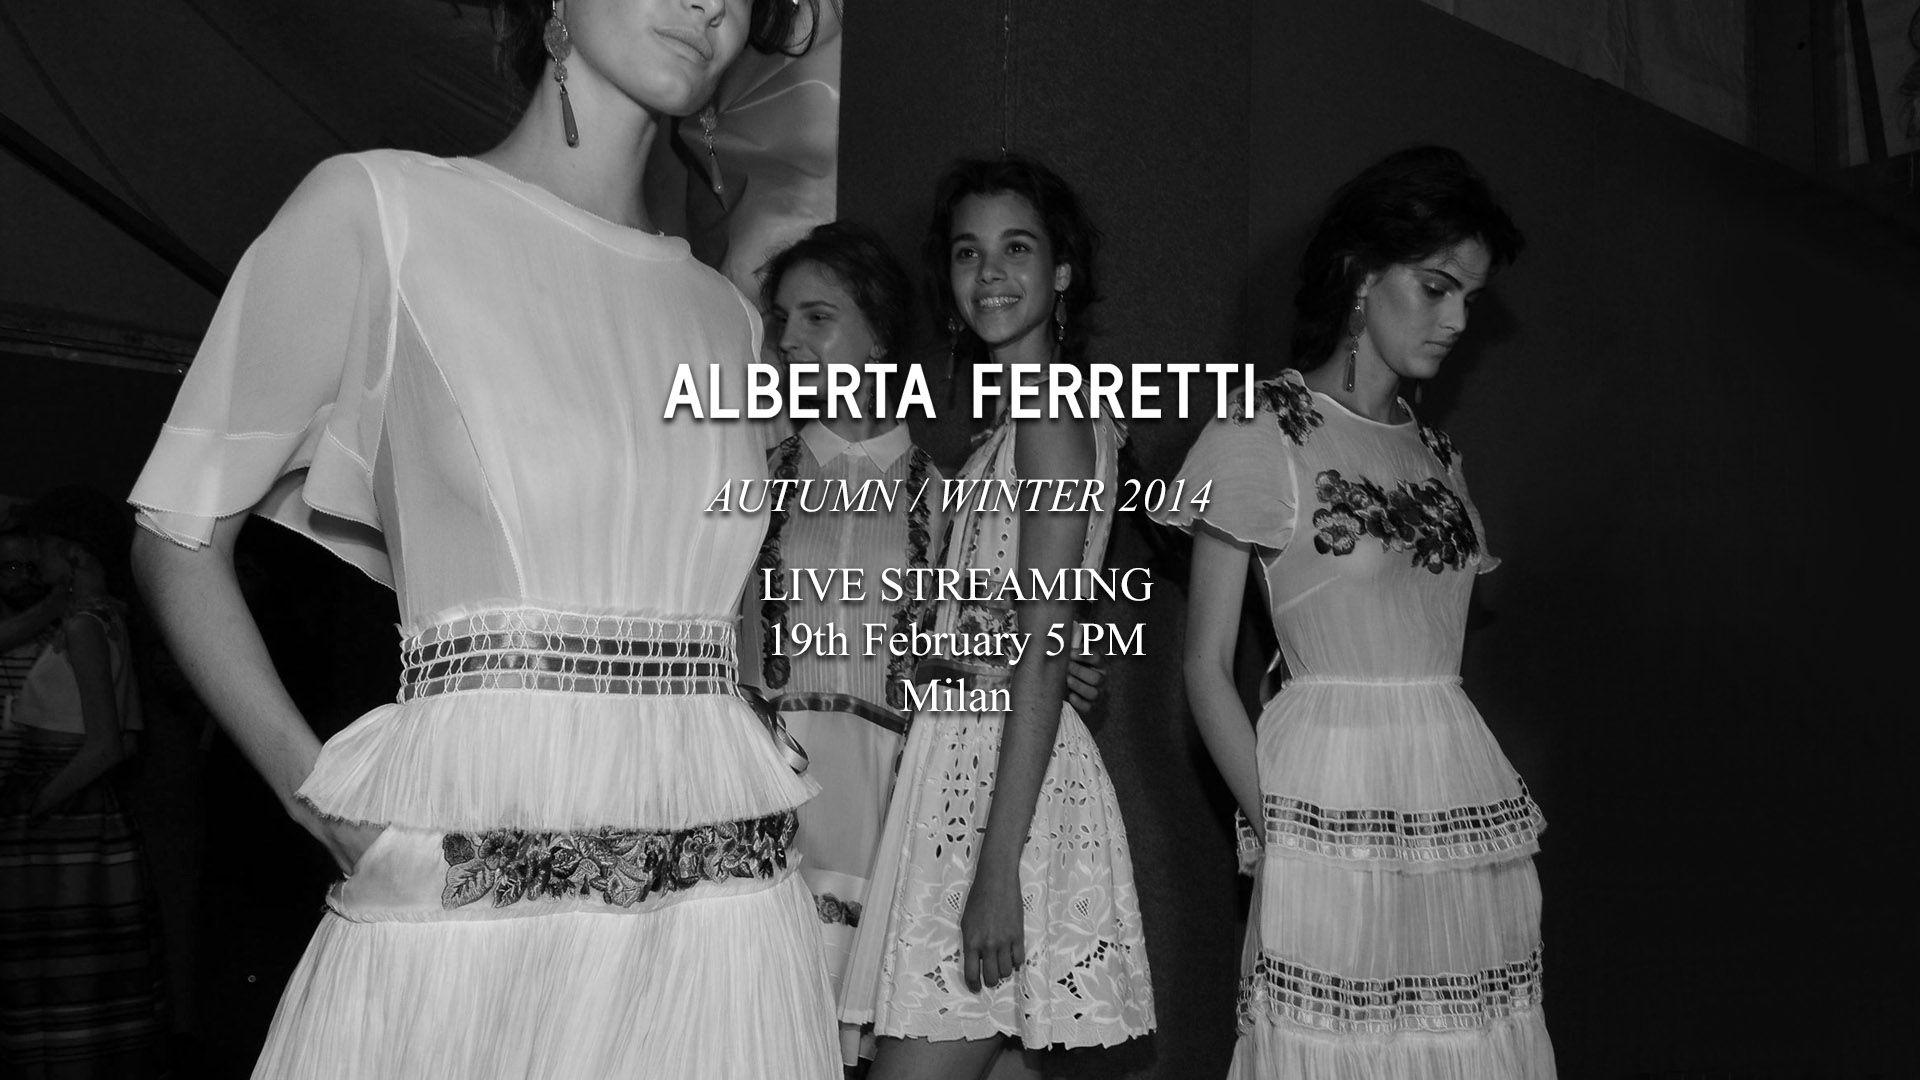 Alberta Ferretti Autumn Winter 2014 Fashion Show Live Streaming 19th February 5pm Milan